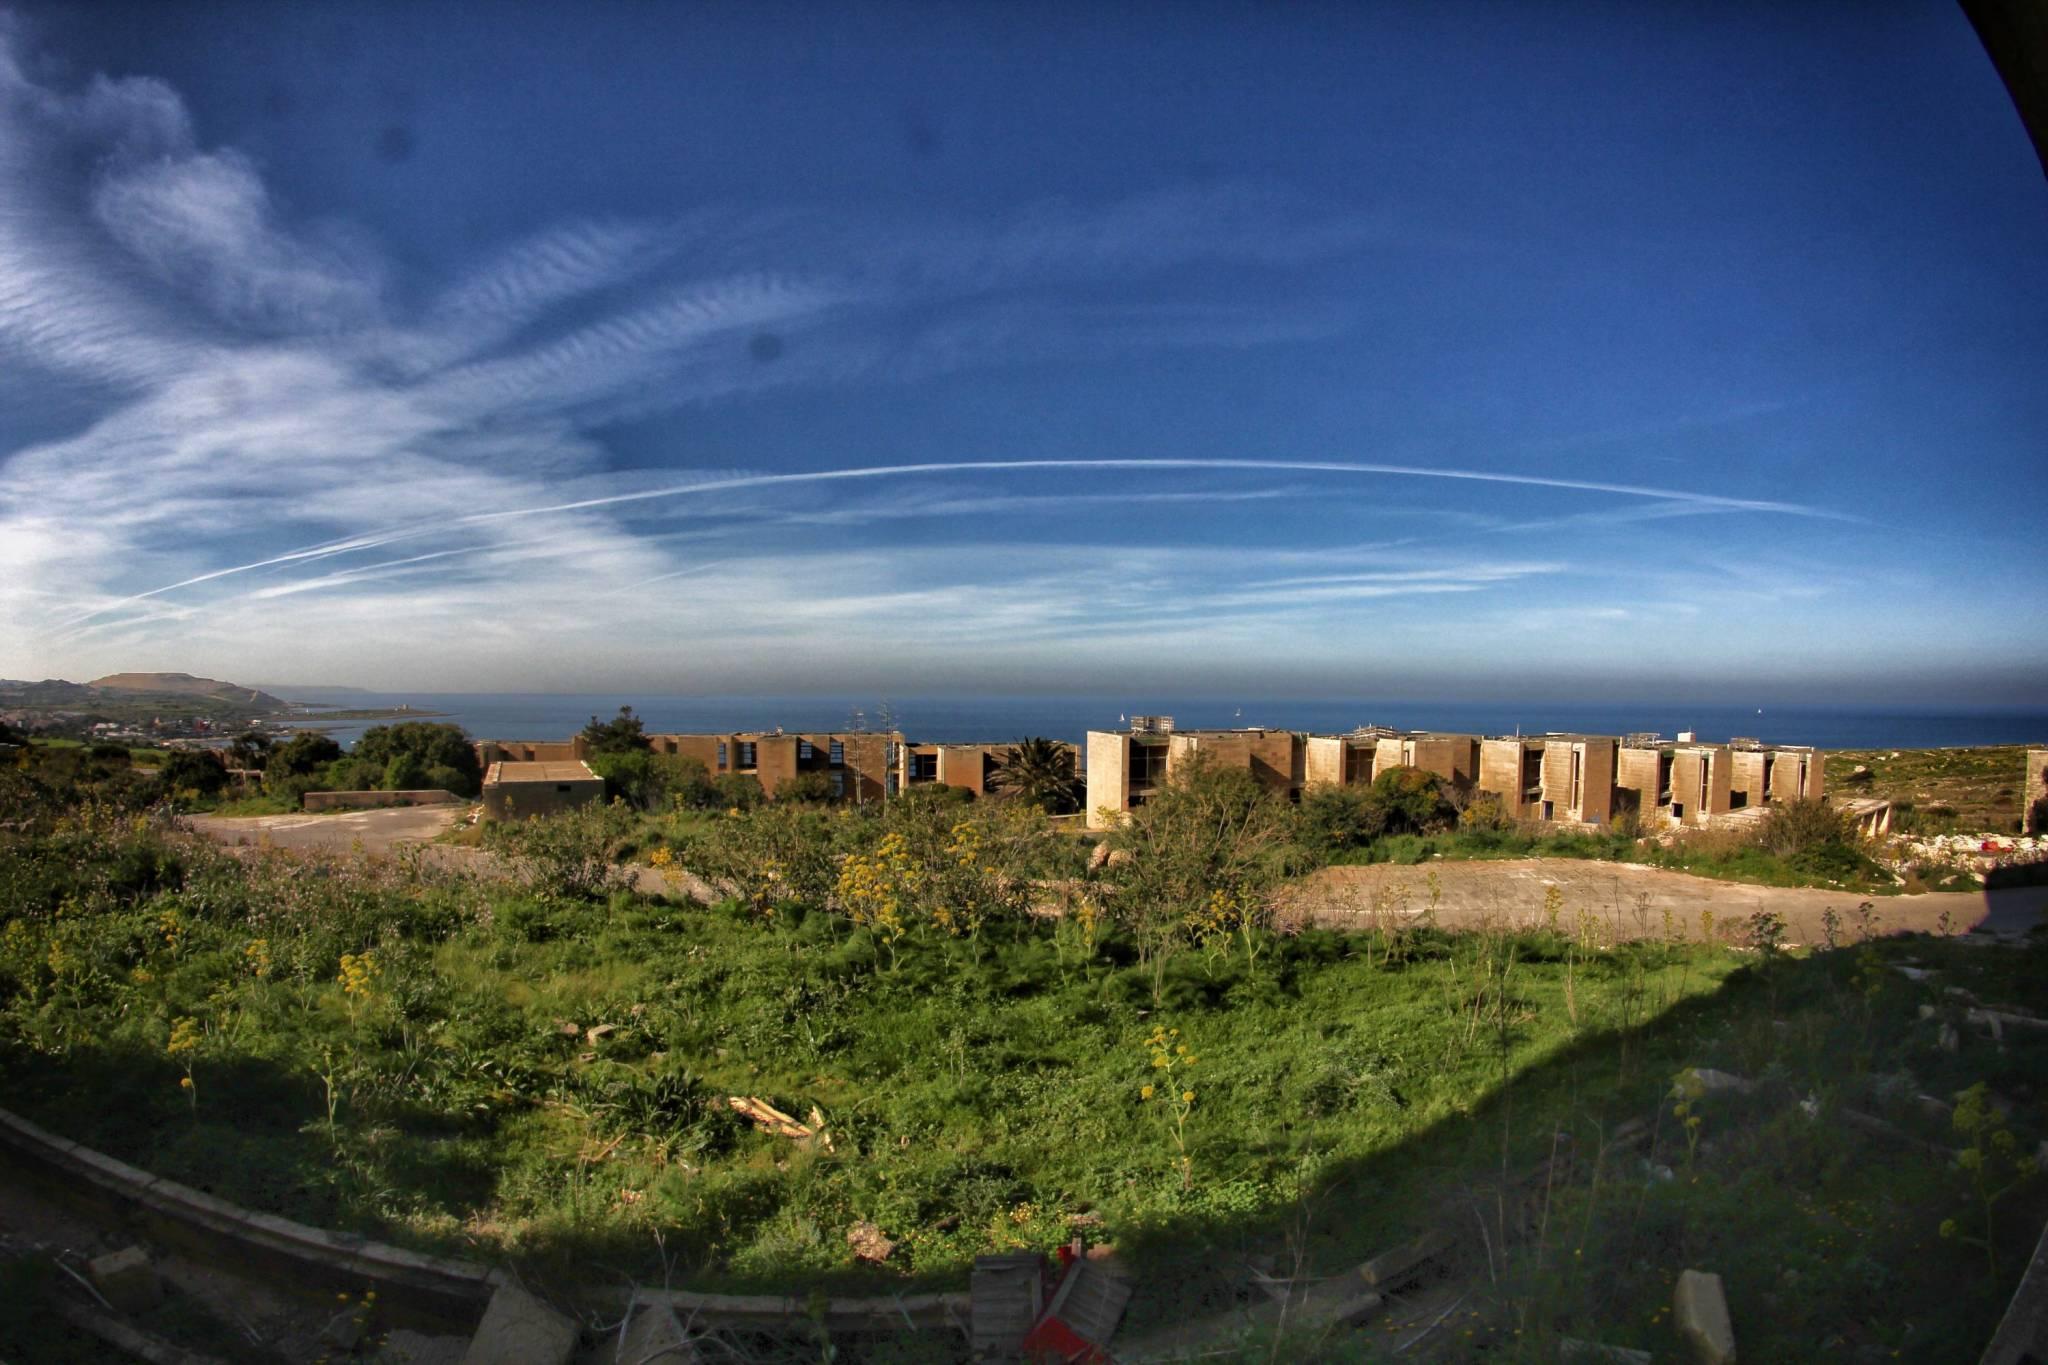 paesi abbandonati - white rocks - urbex malta